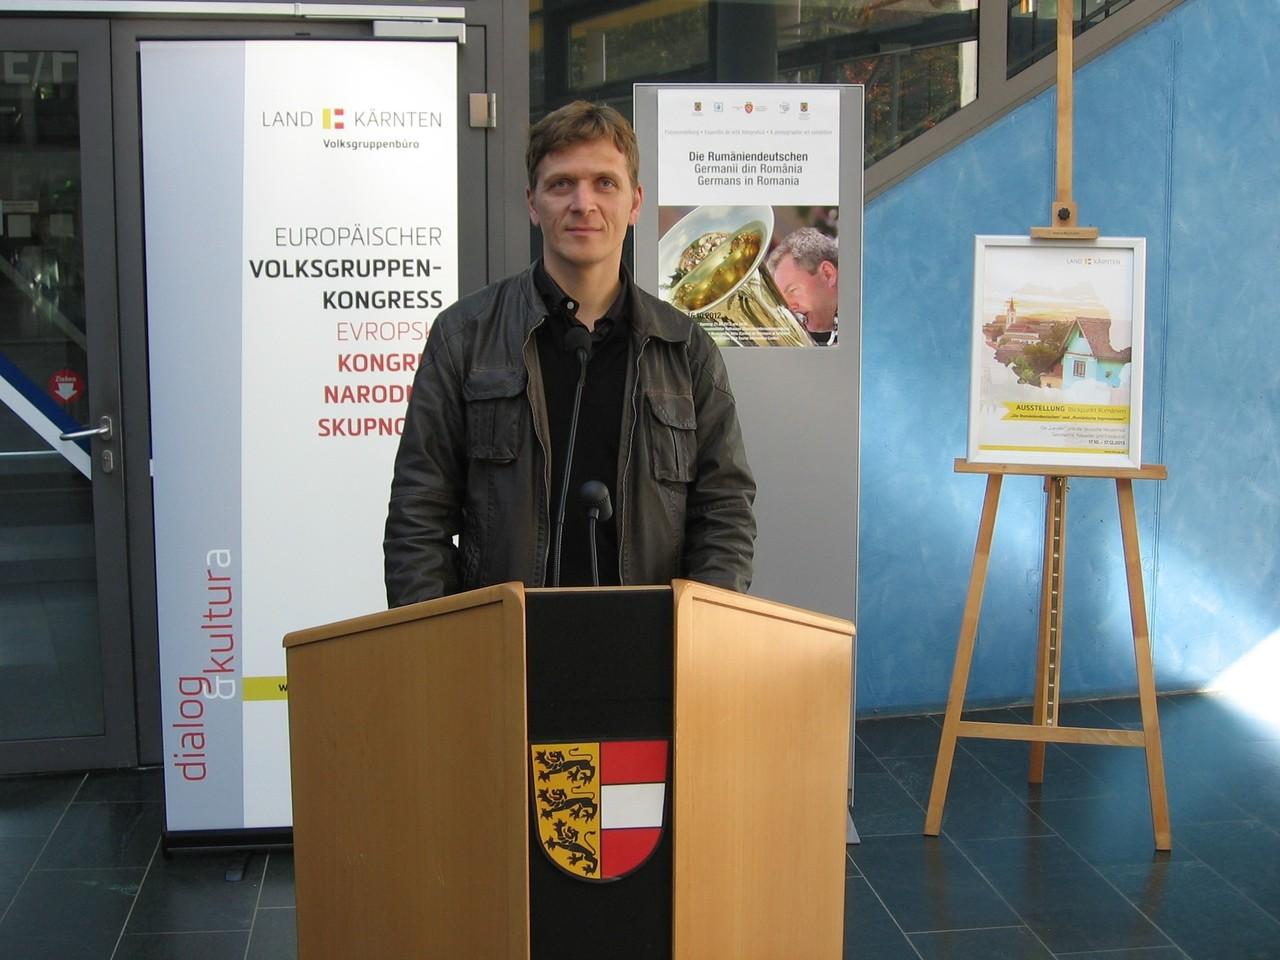 A Romániai Németek országos szalon megnyitója Ausztriában, 2013 október  16 - 18 között